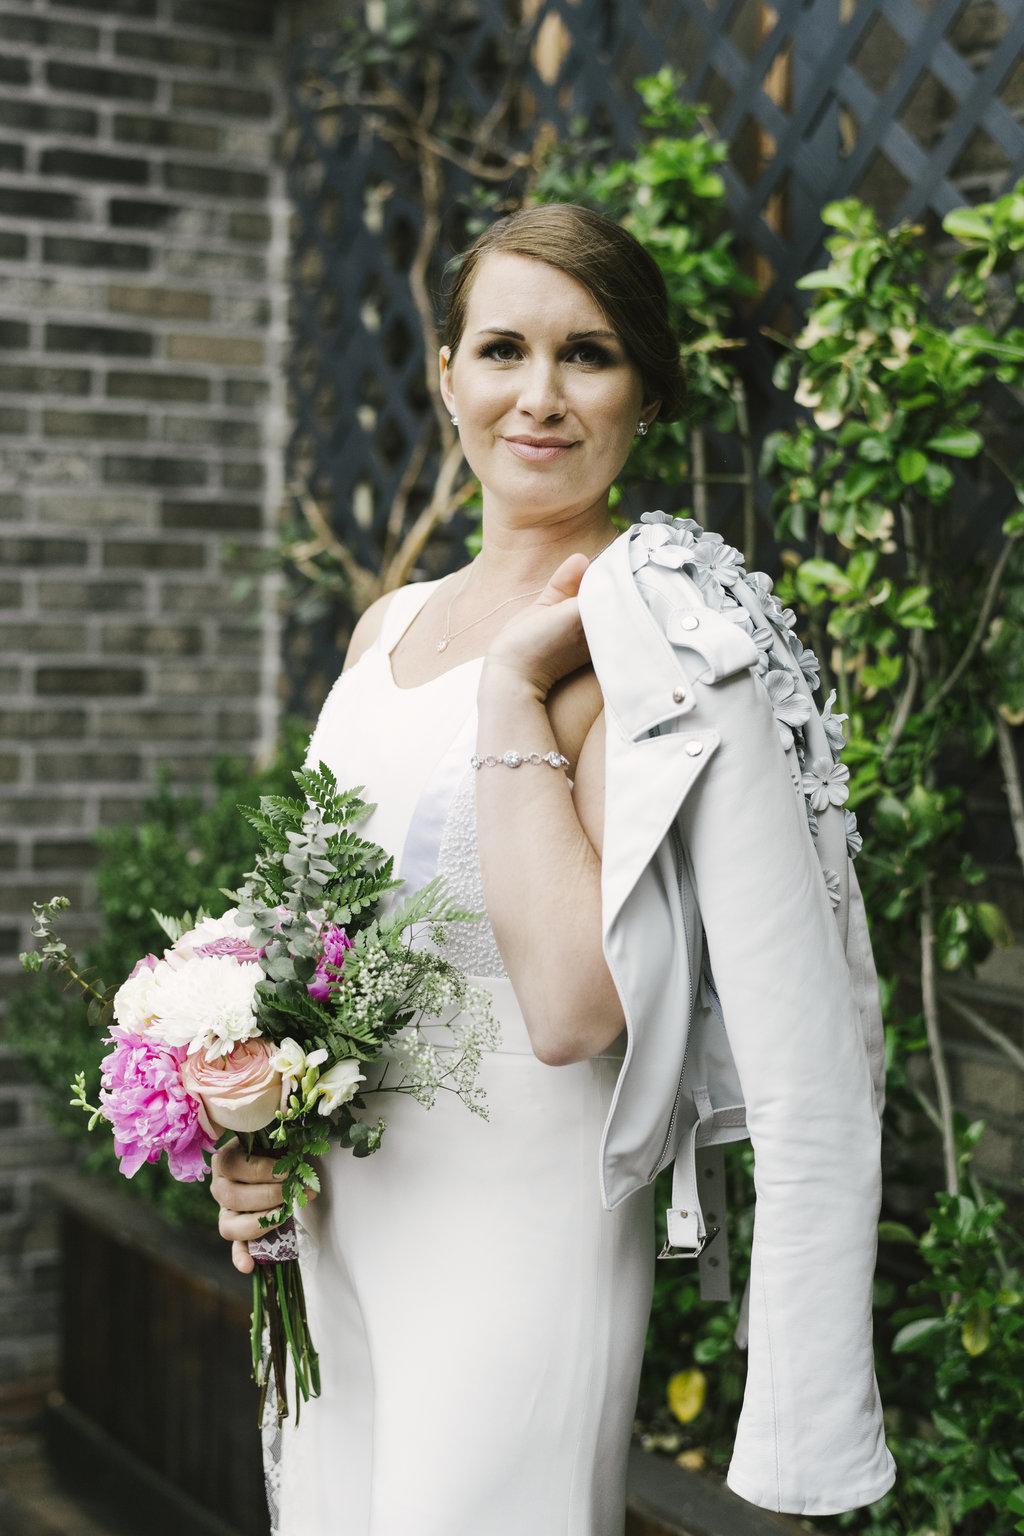 Nathalie Kraynina Bride At The Big Fake WeddingAliciaKingPhotographyBigFakeWedding226.jpg